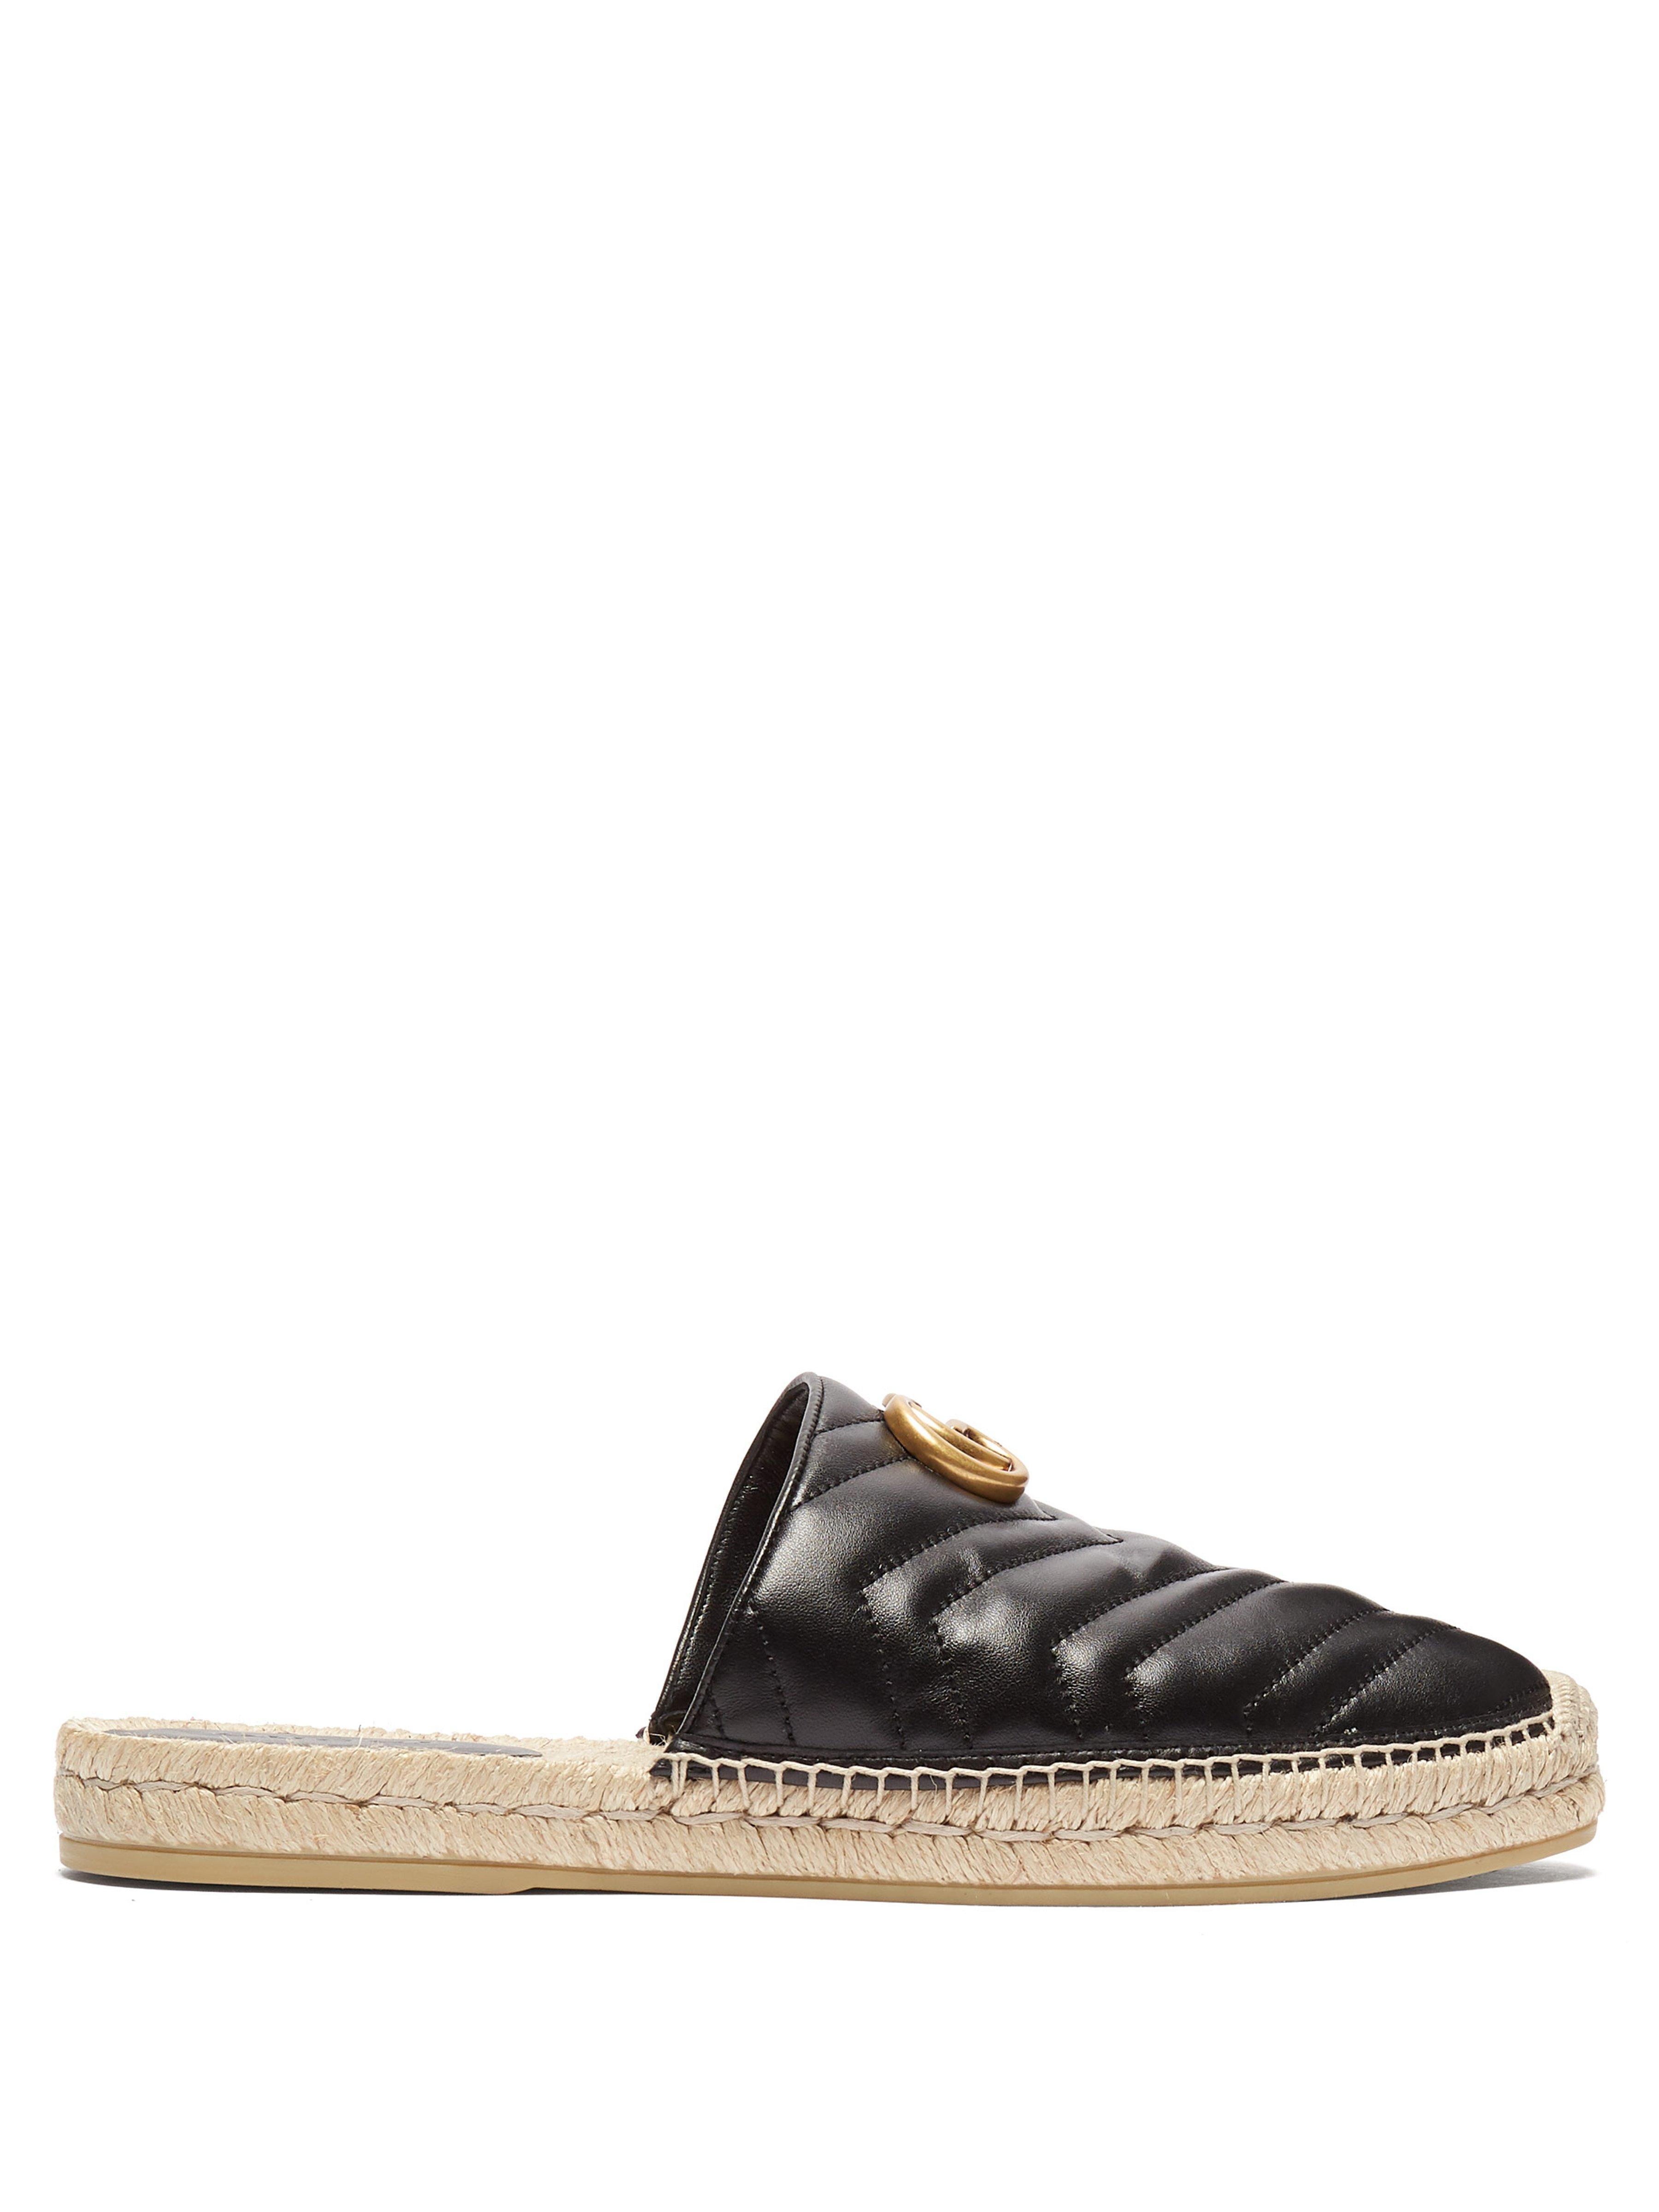 d2e6e830b7d Gucci Marmont Matelassé Leather Espadrilles in Black for Men - Lyst